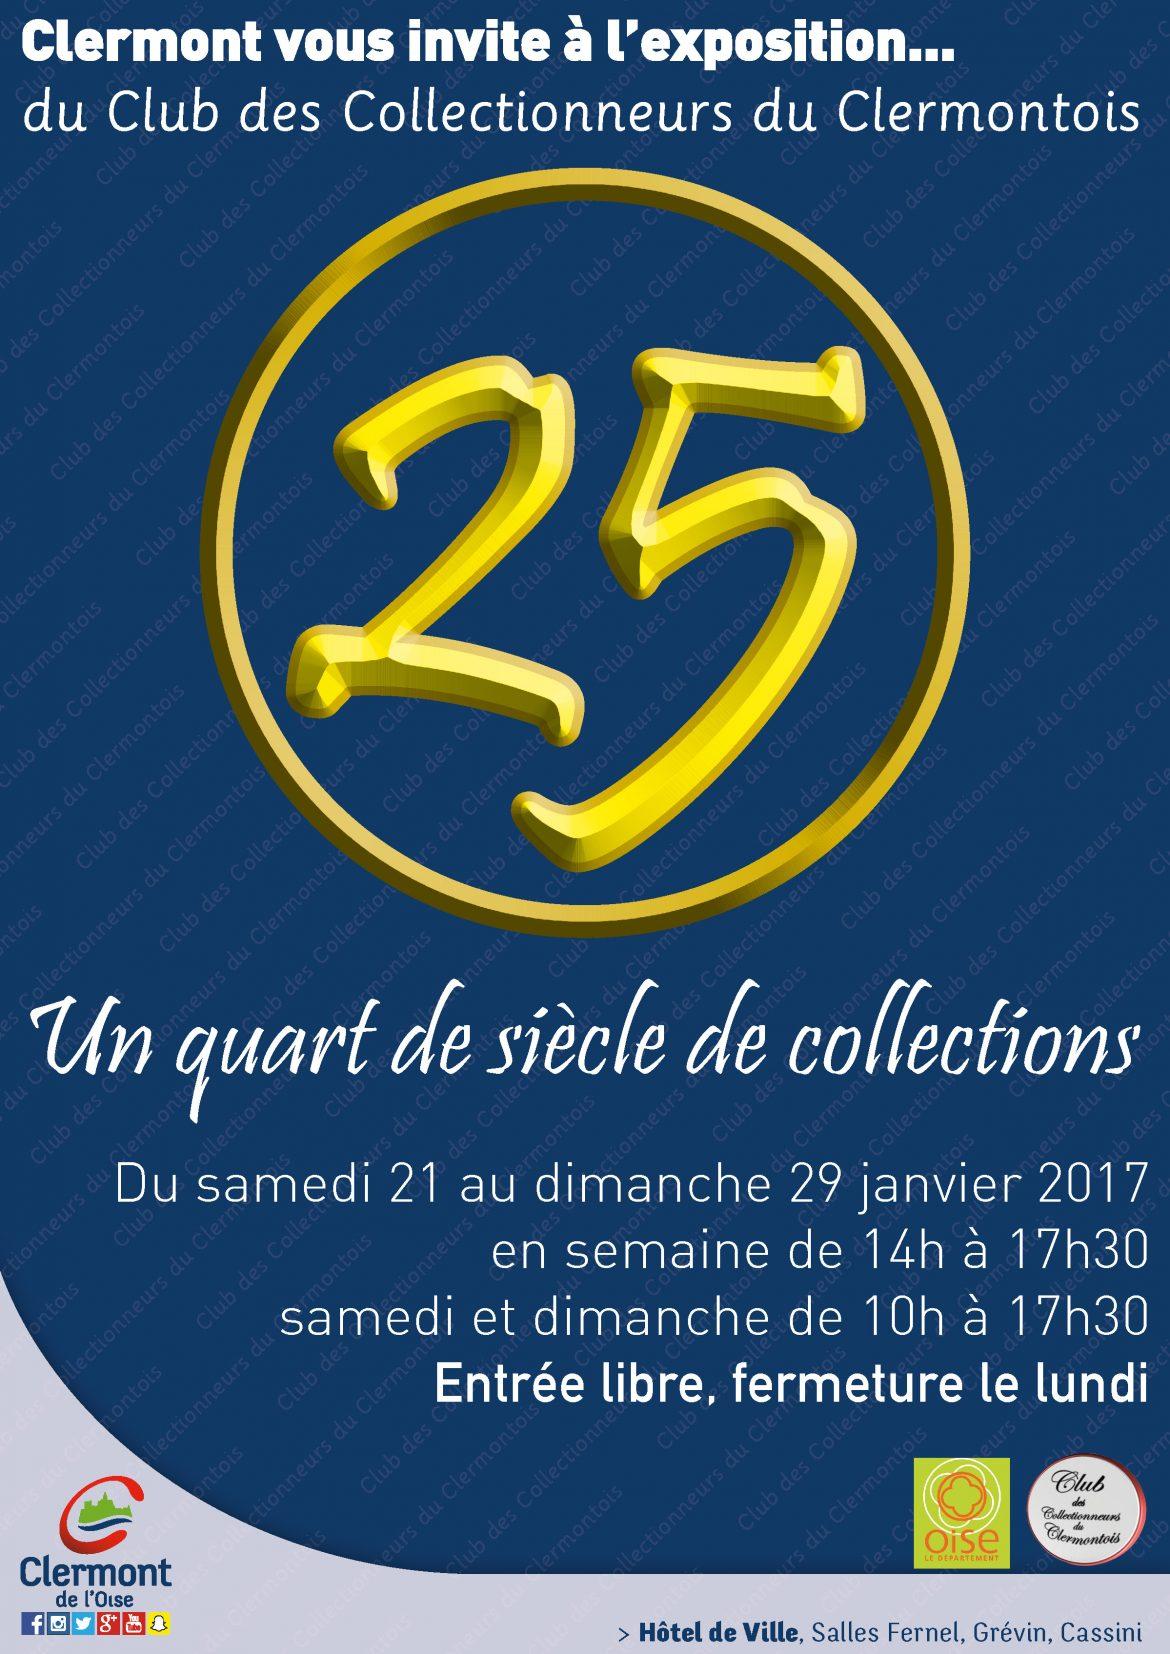 """Exposition du Club des Collectionneurs du Clermontois """"Un quart de siècle de collections, du samedi 21 au dimanche 29 janvier 2017 à l'Hôtel de Ville de Clermont."""